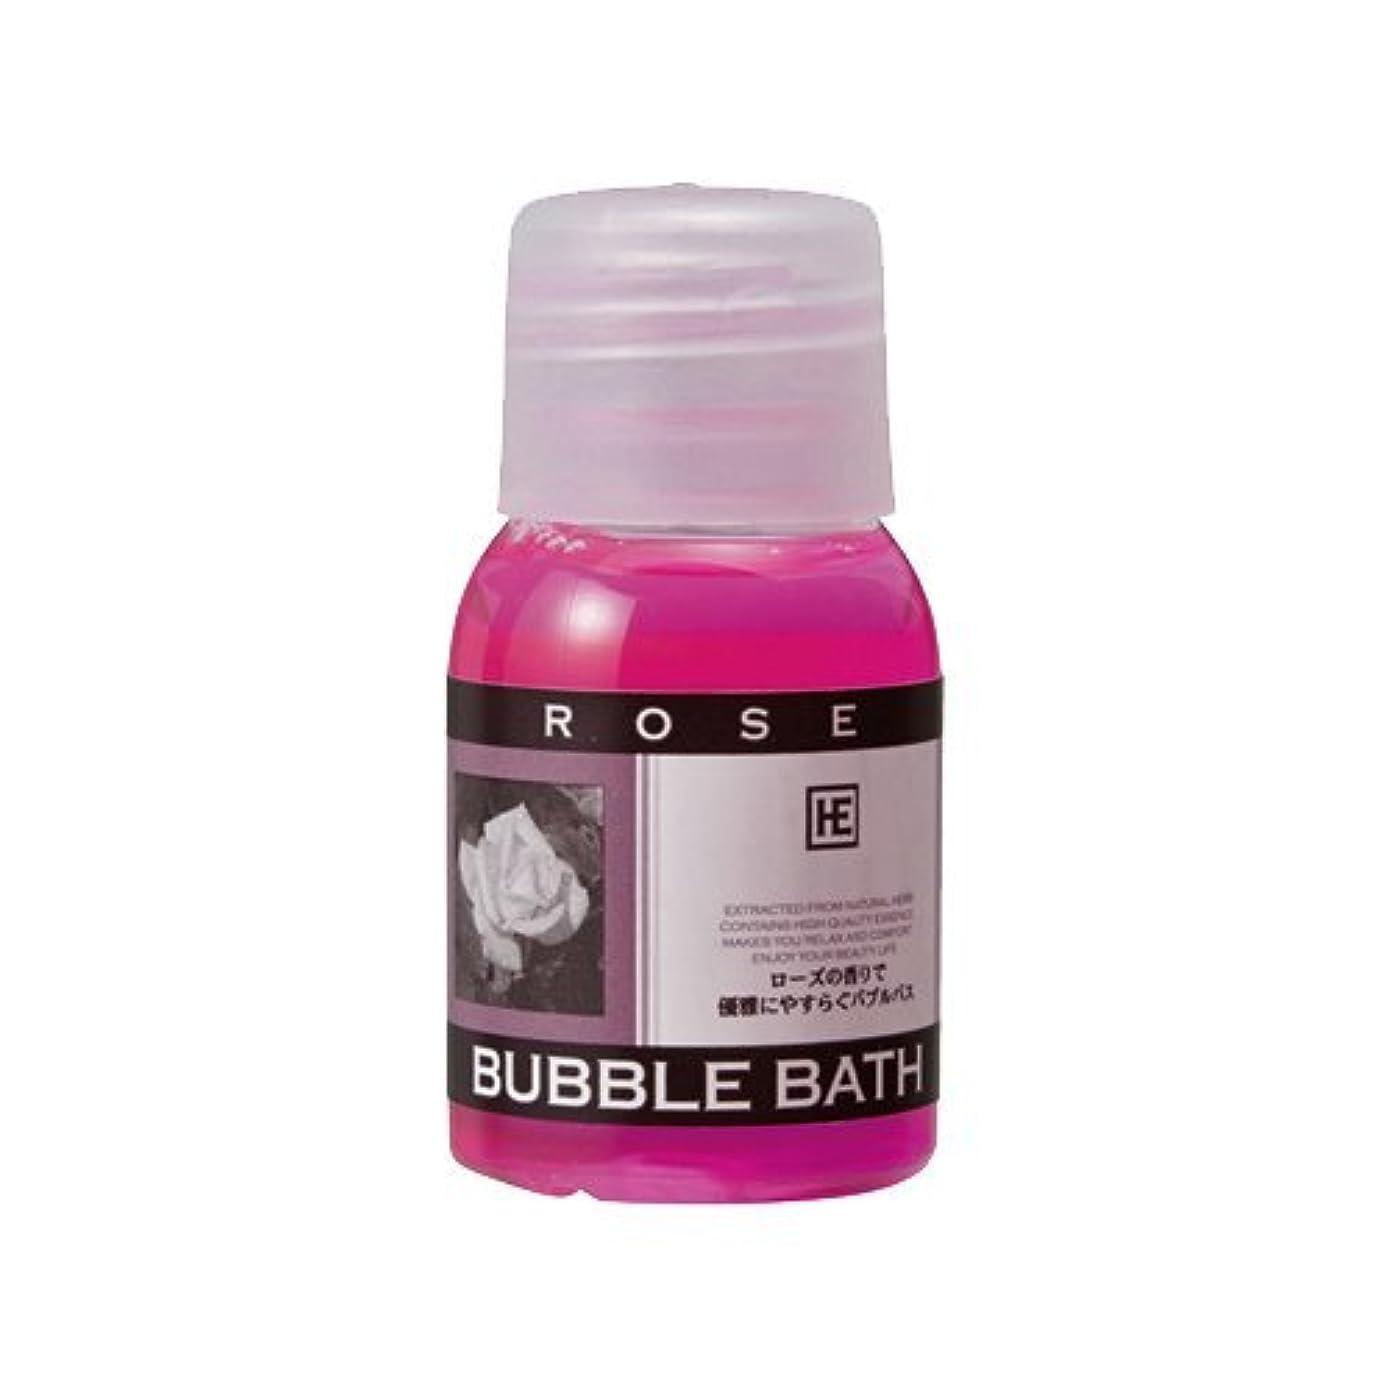 テスト補助金宮殿ハーバルエクストラ バブルバス ミニボトル ローズの香り - ホテルアメニティ 業務用 発泡入浴剤 (BUBBLE BATH)